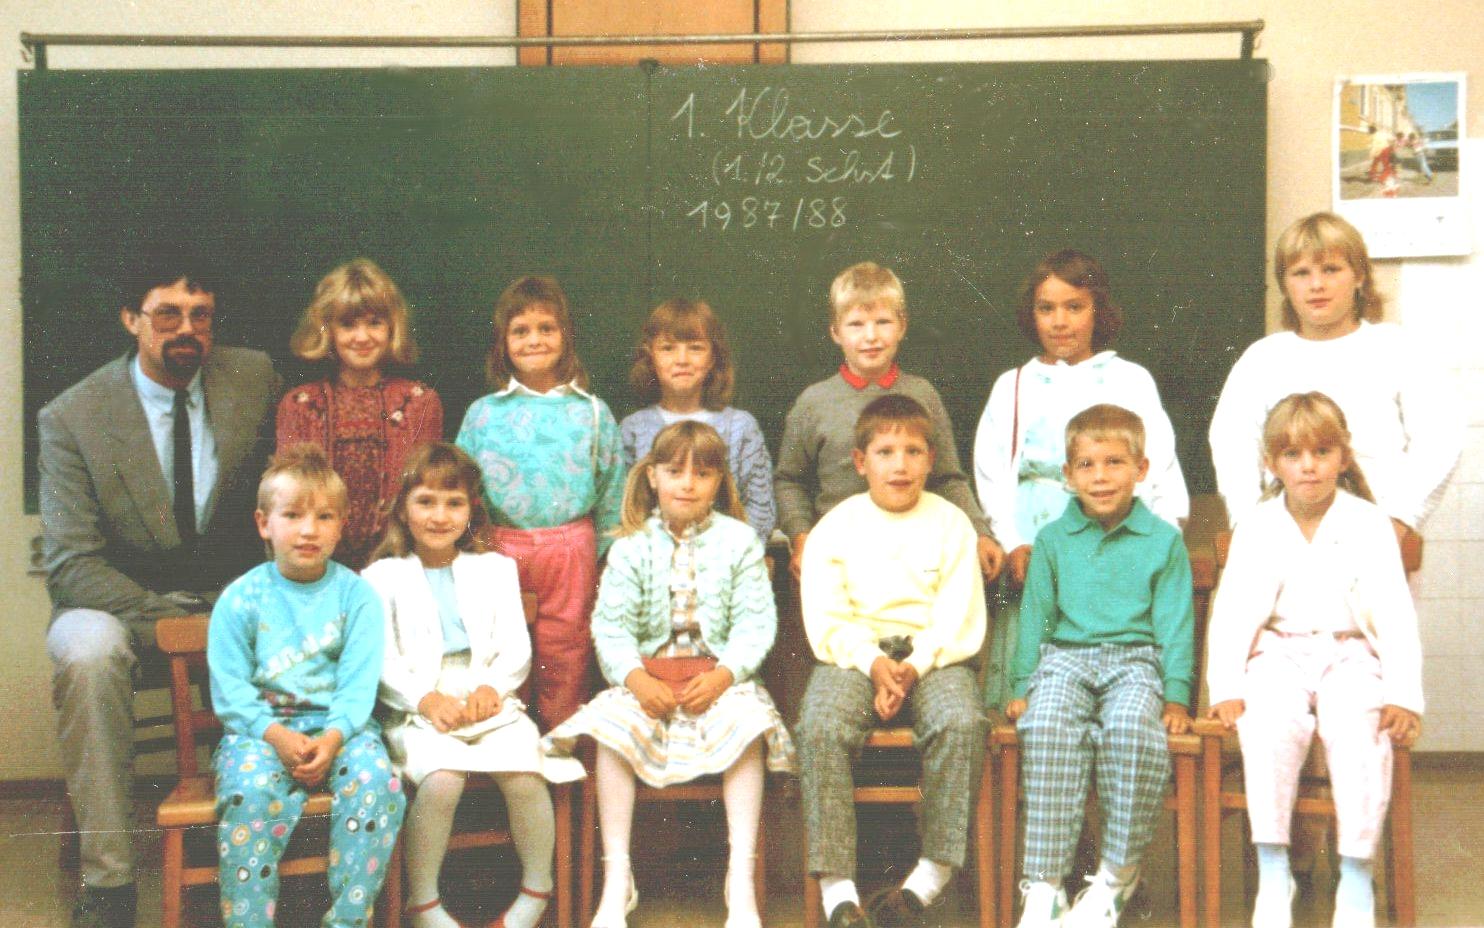 1987-88  1. Kl. (1./2. Schst.) mit KL Gerhard Kappacher